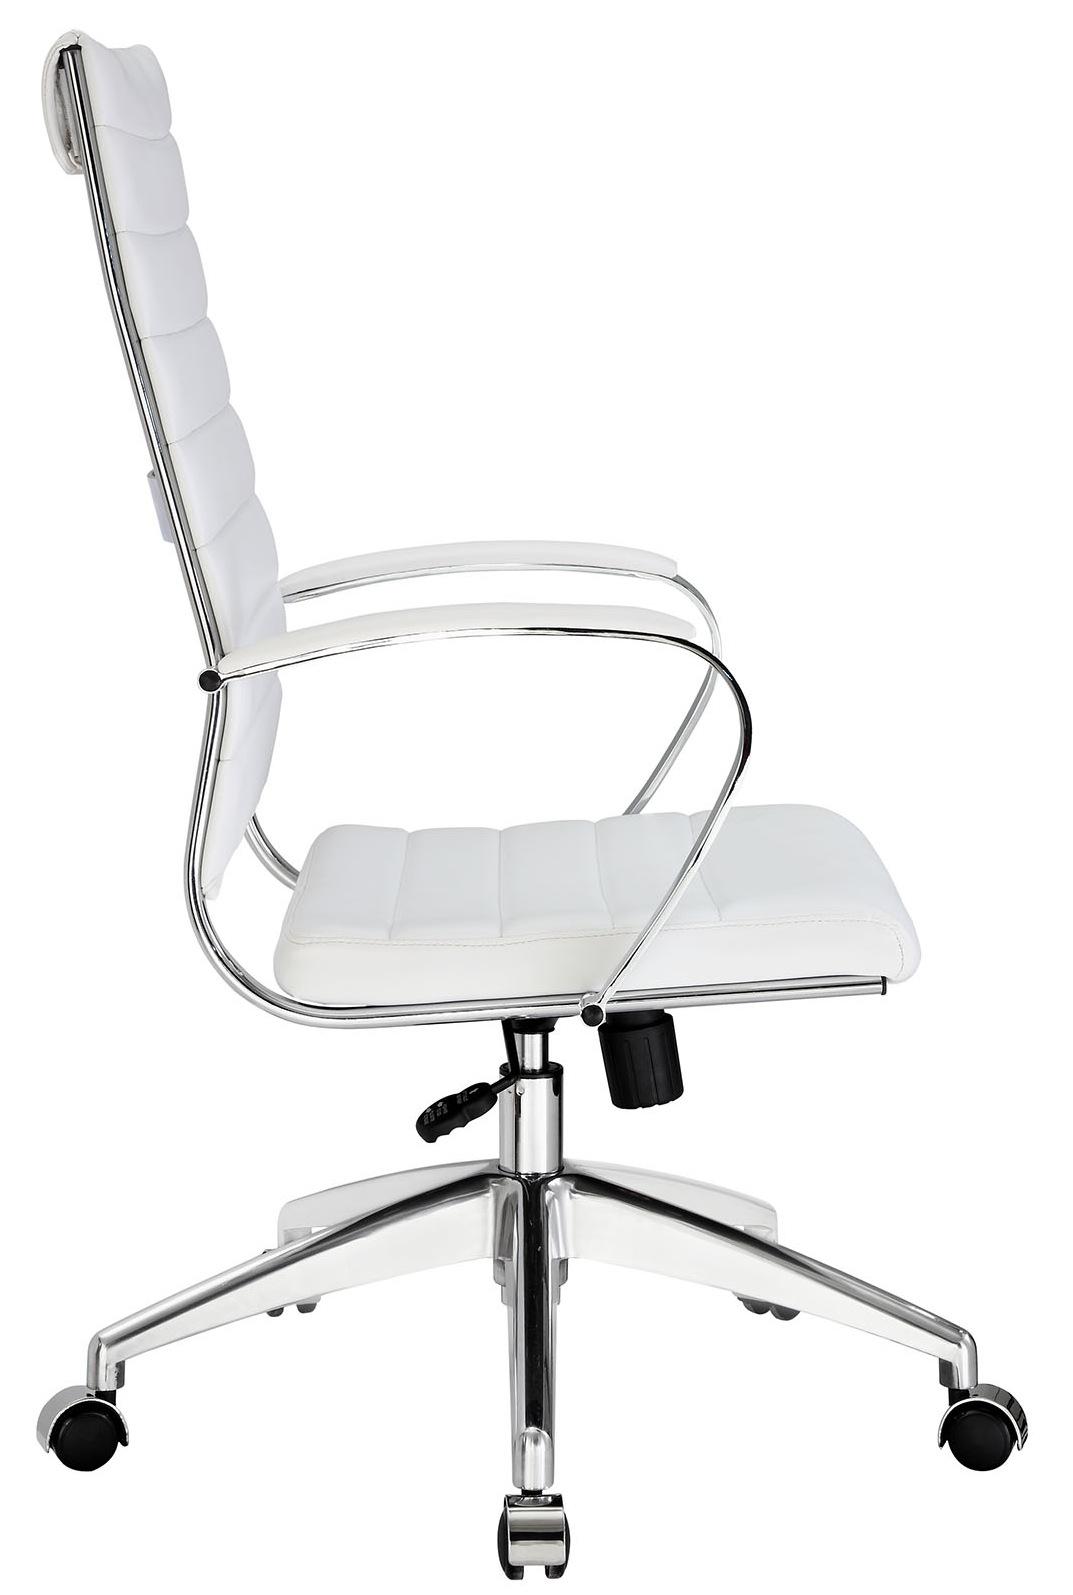 aria-hb-chair-white.jpg